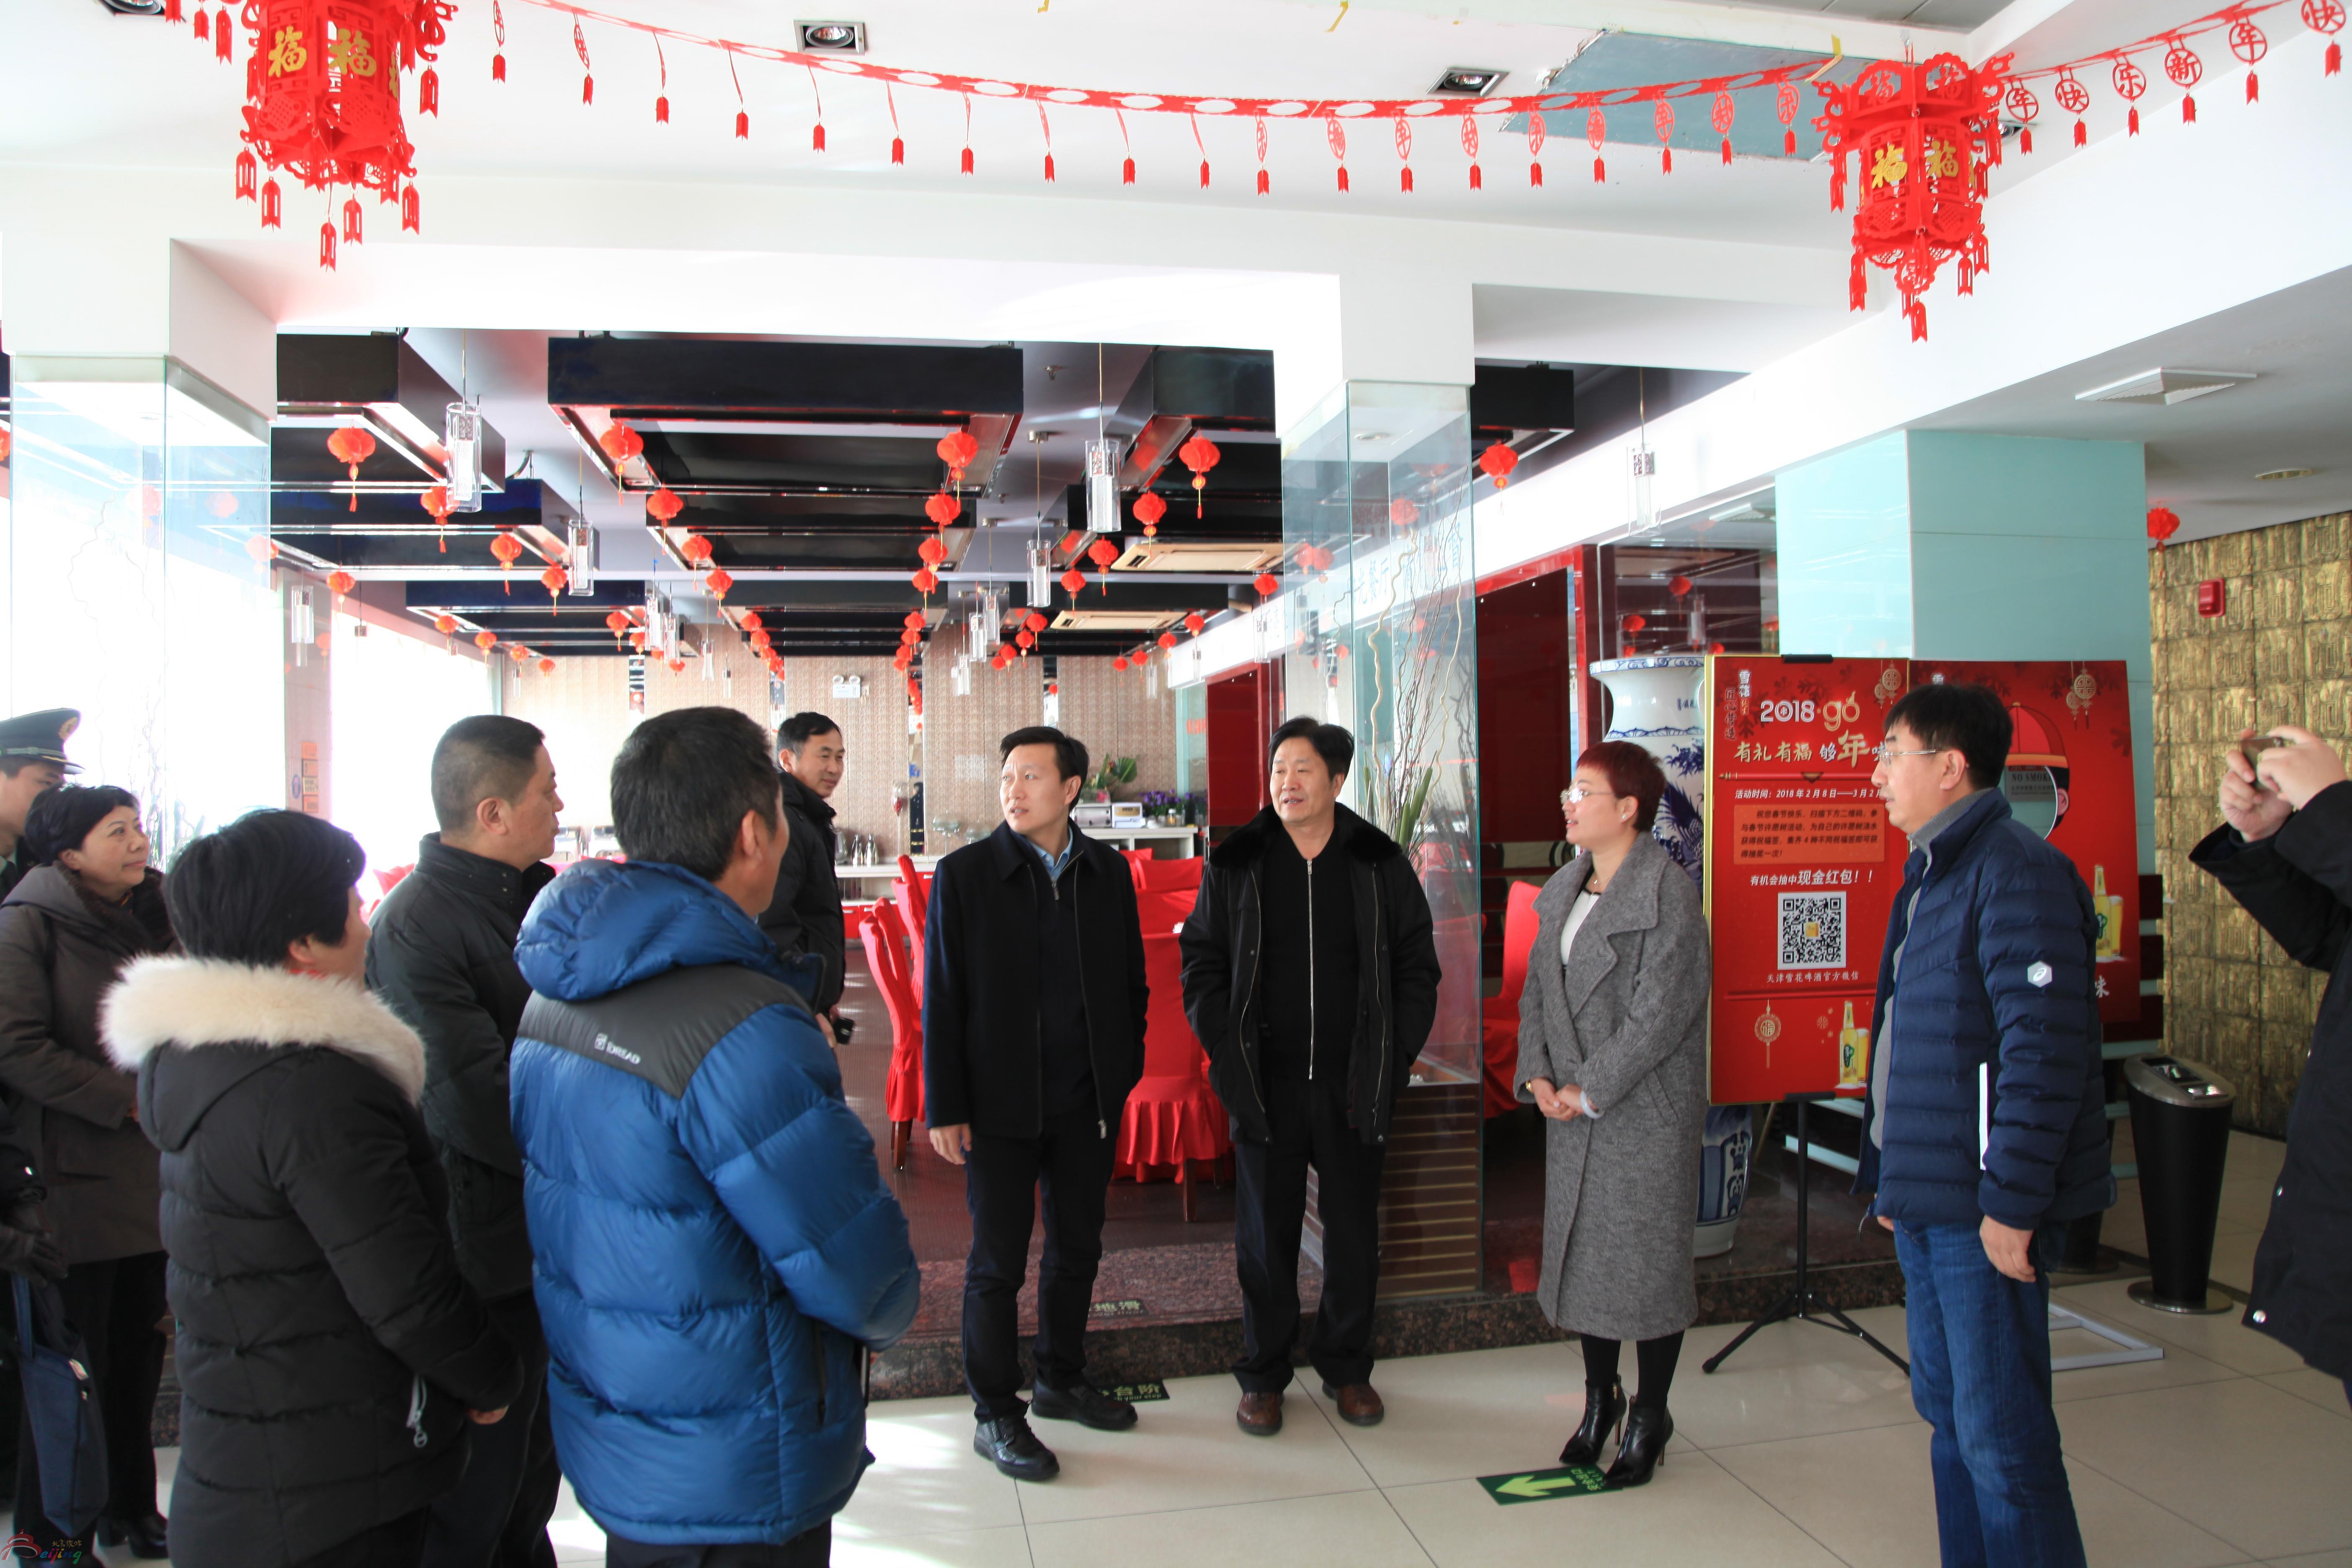 平谷区副区长王晓东带队督查区旅游行业春节假日安全服务保障工作